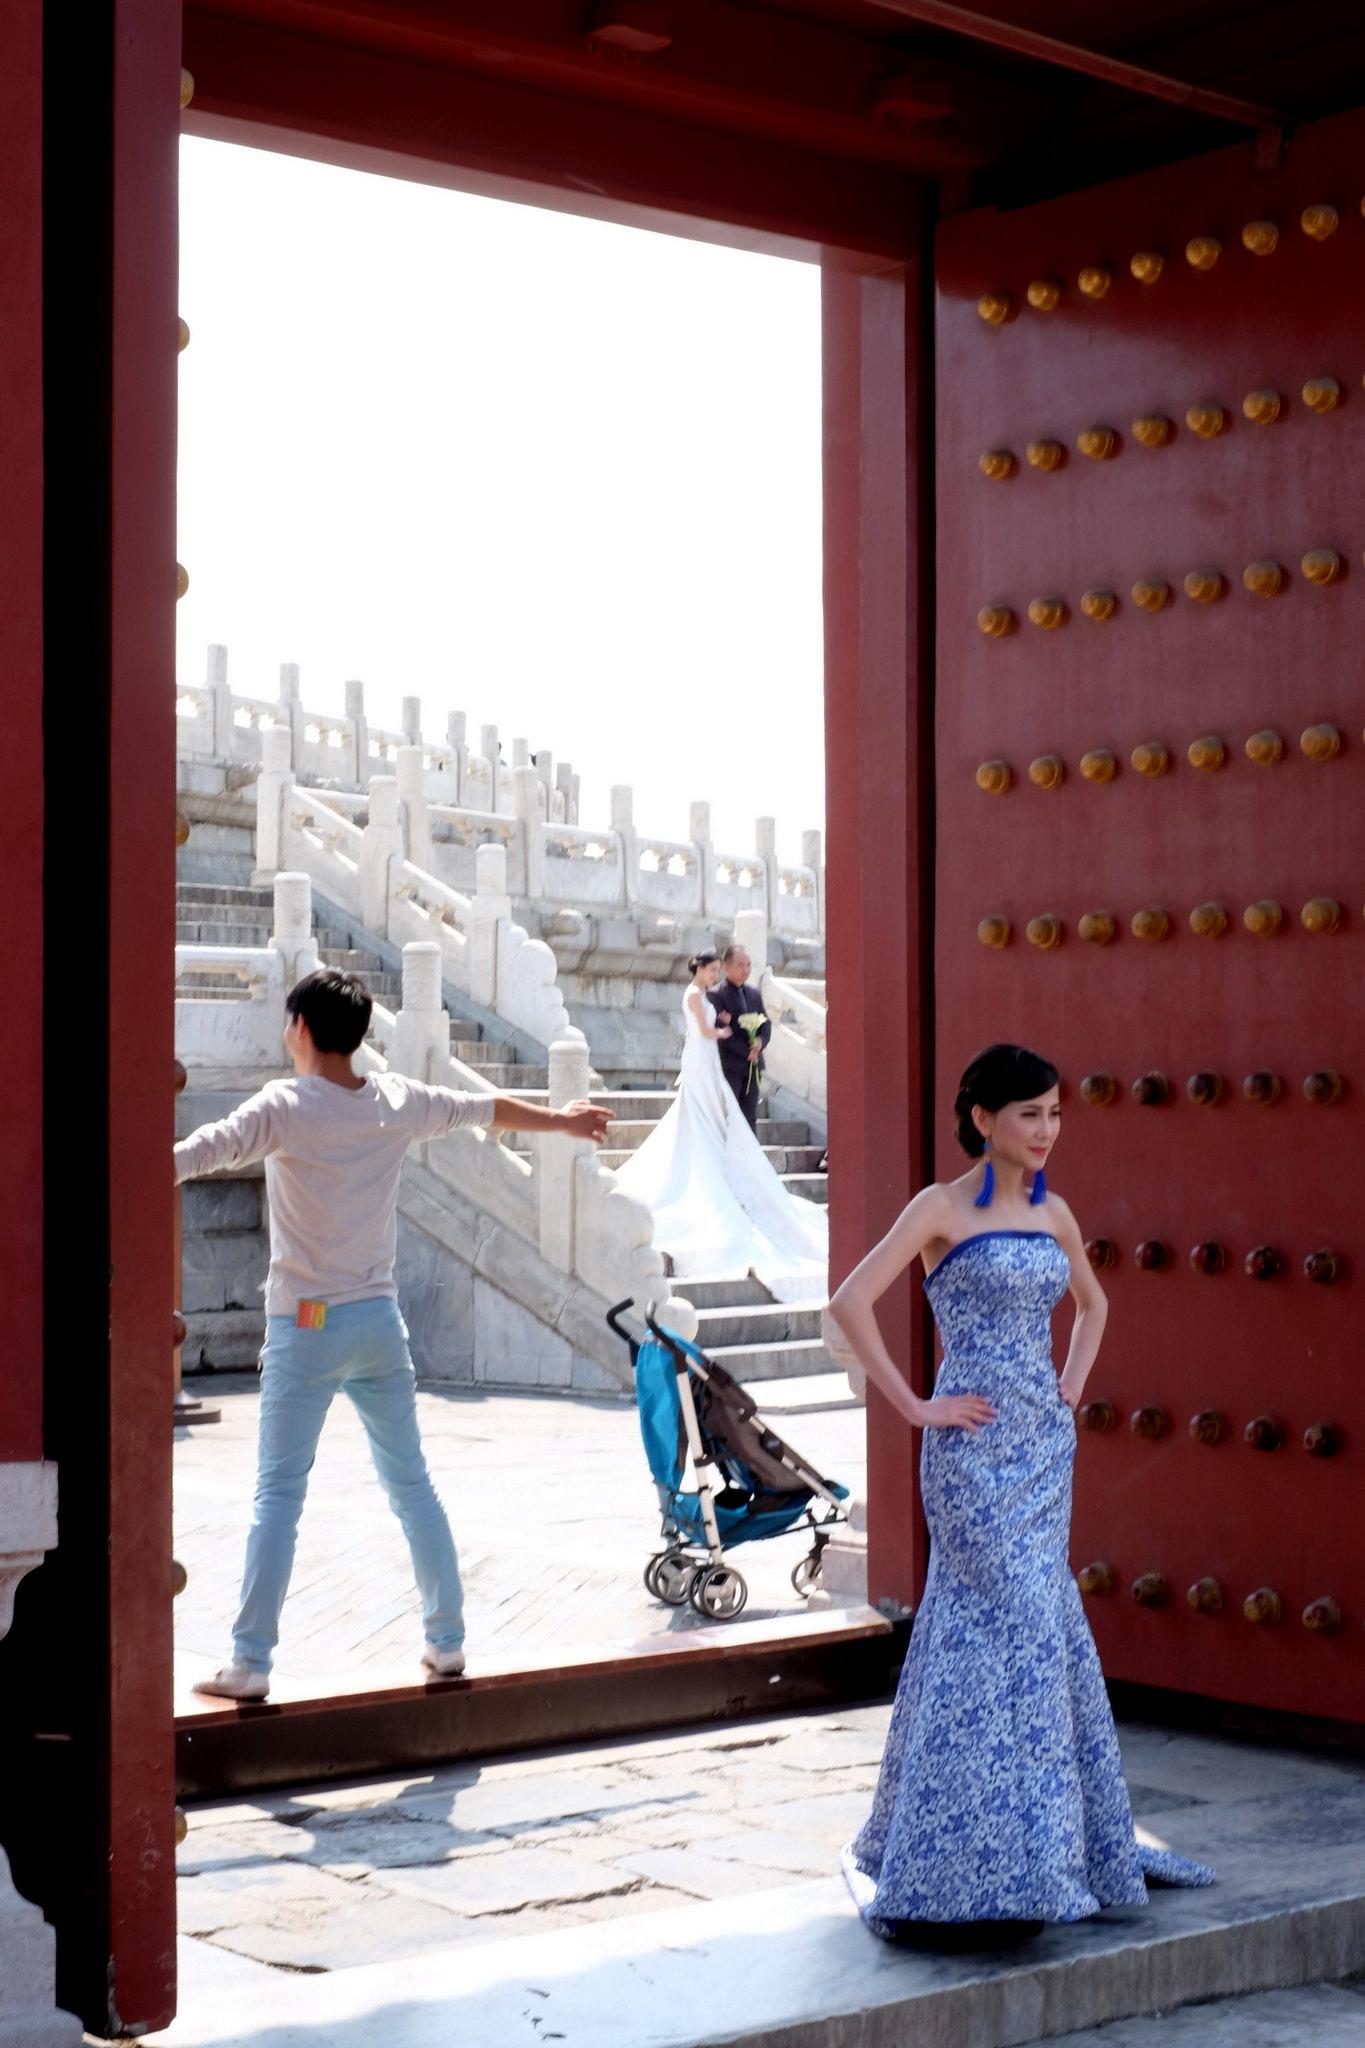 TianTanPark